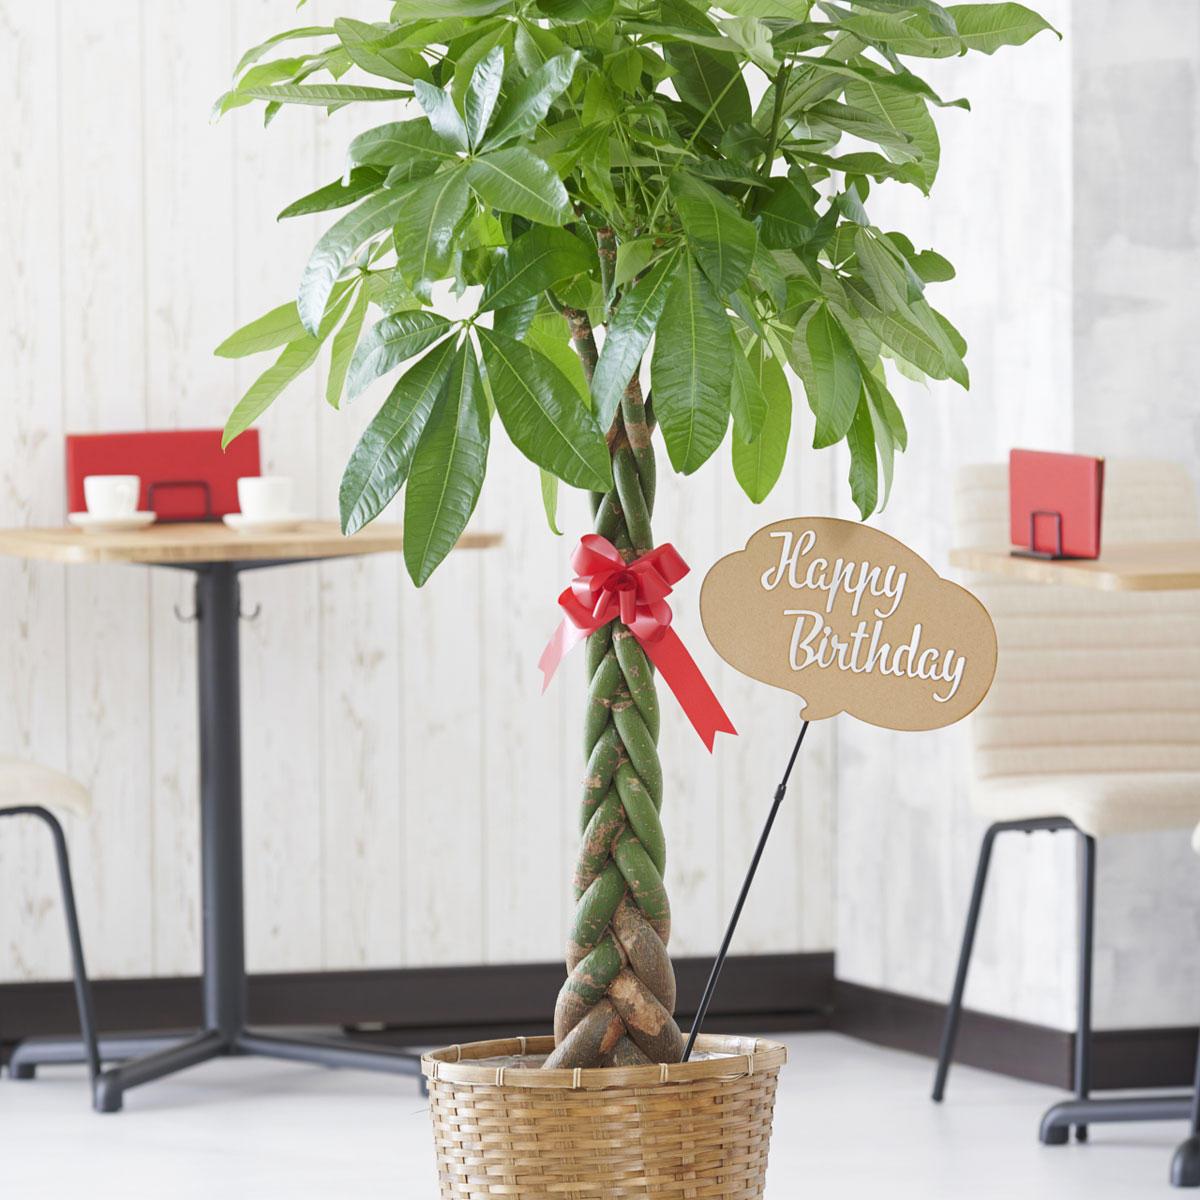 <p>観葉植物に3D立体メッセージ札[Happy Birthday(吹き出し型)]を付けたイメージ</p>